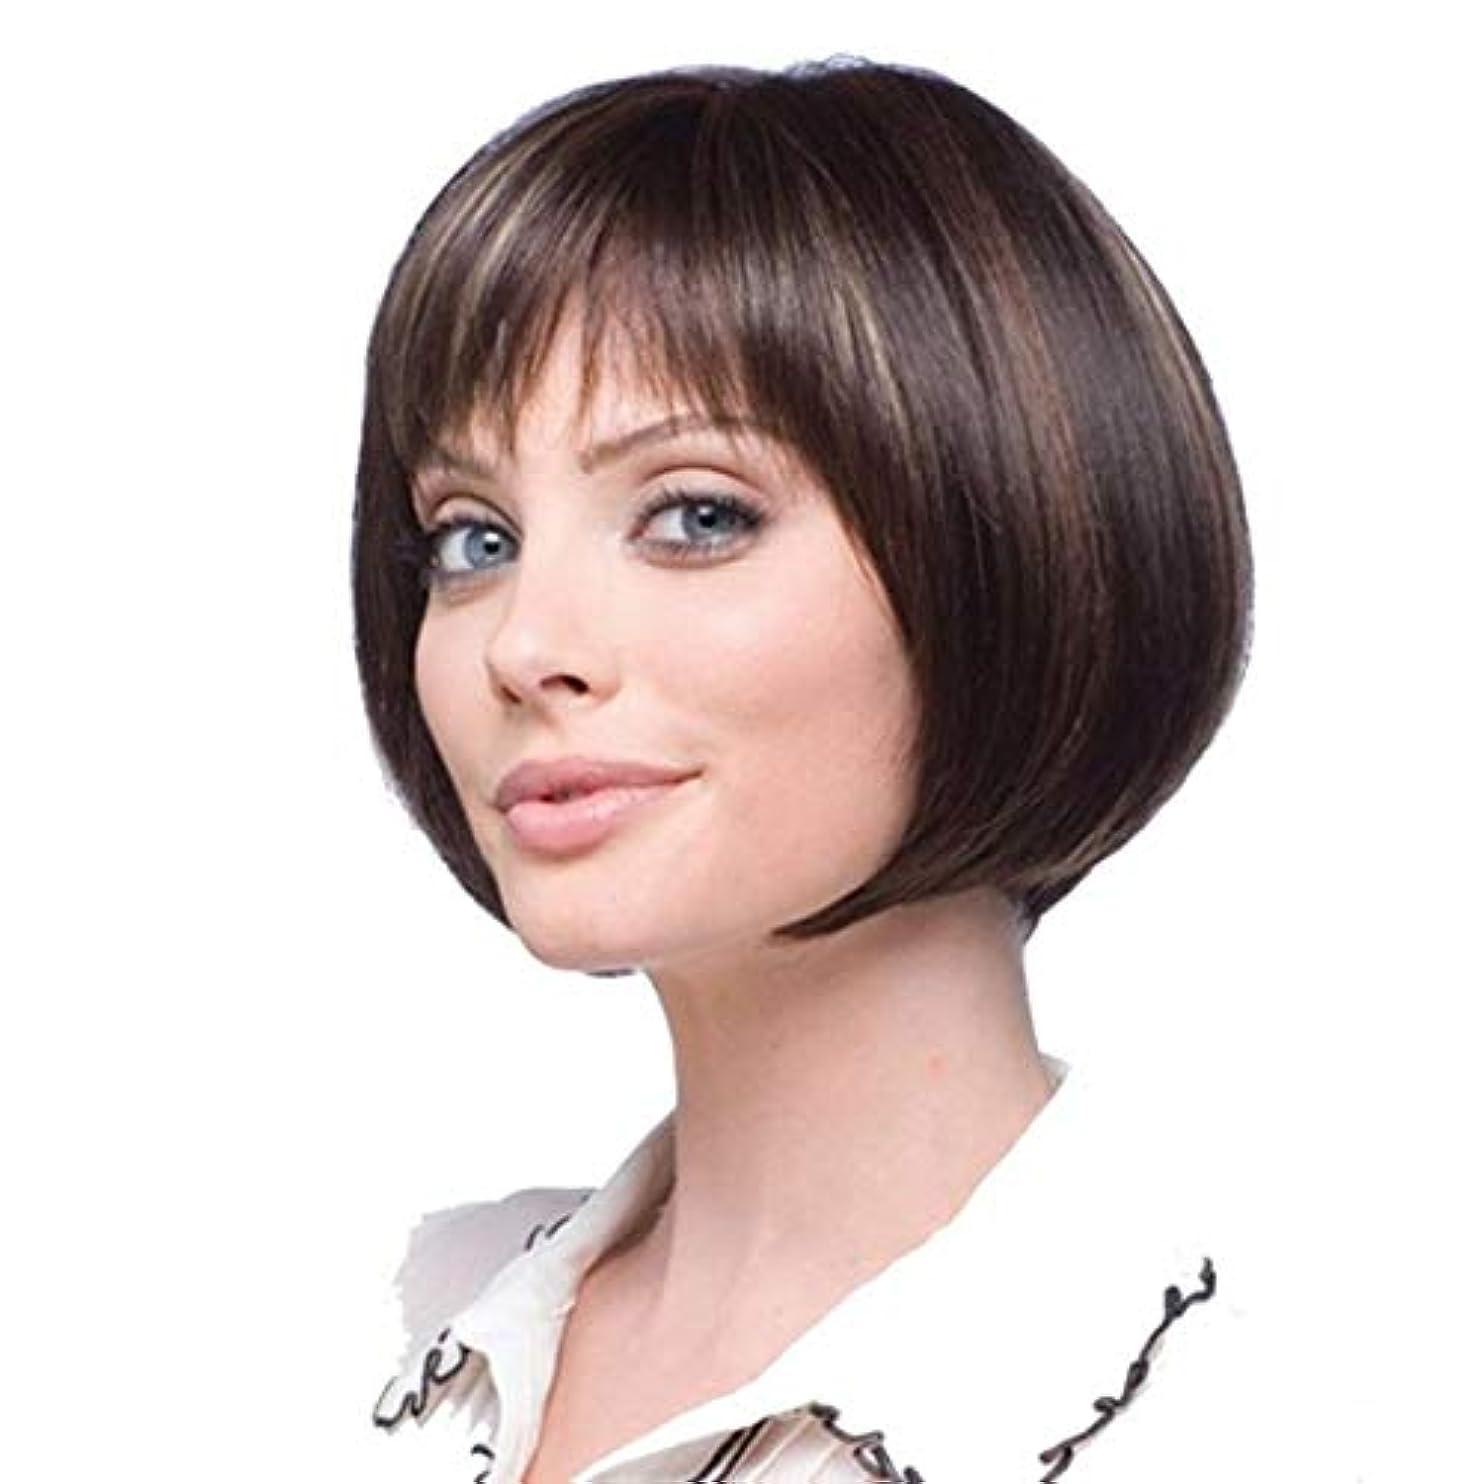 空白代替案渇きSummerys ショートボブの髪ウィッグストレート前髪付き合成カラフルなコスプレデイリーパーティーウィッグ本物の髪として自然な女性のための